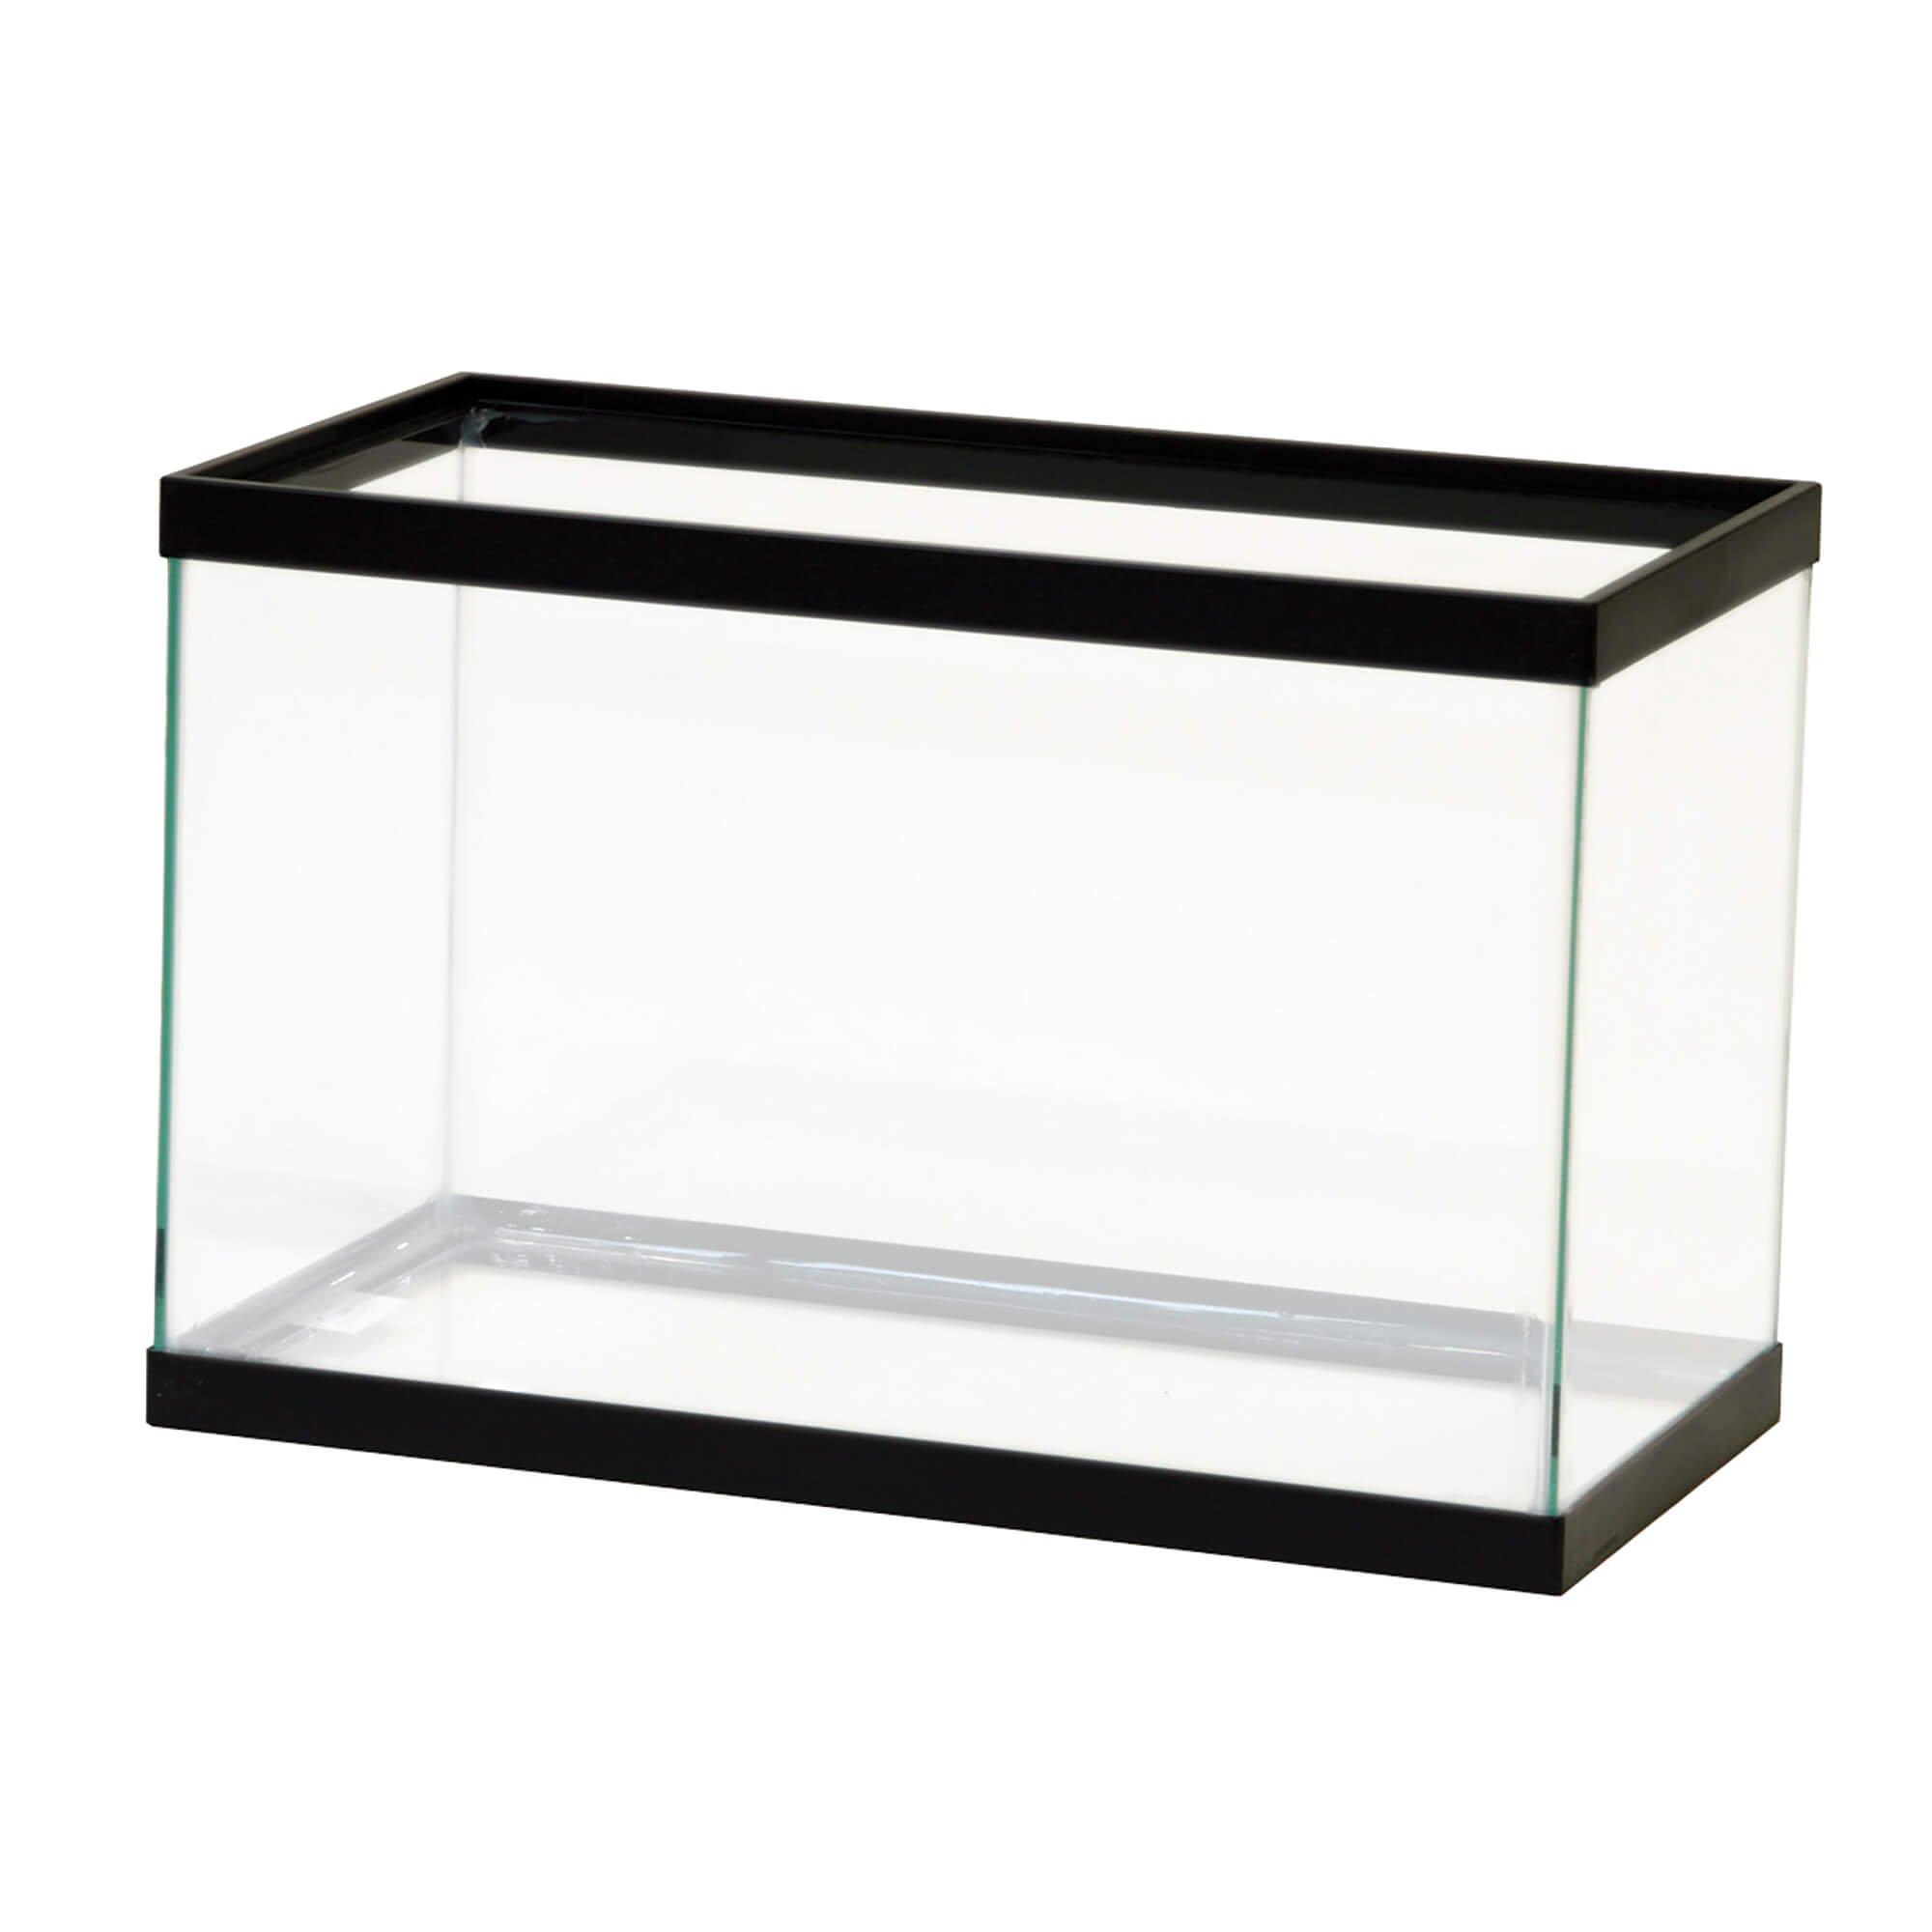 https://petco.scene7.com/is/image/PETCO/170909-center-1?$Cart-medium$